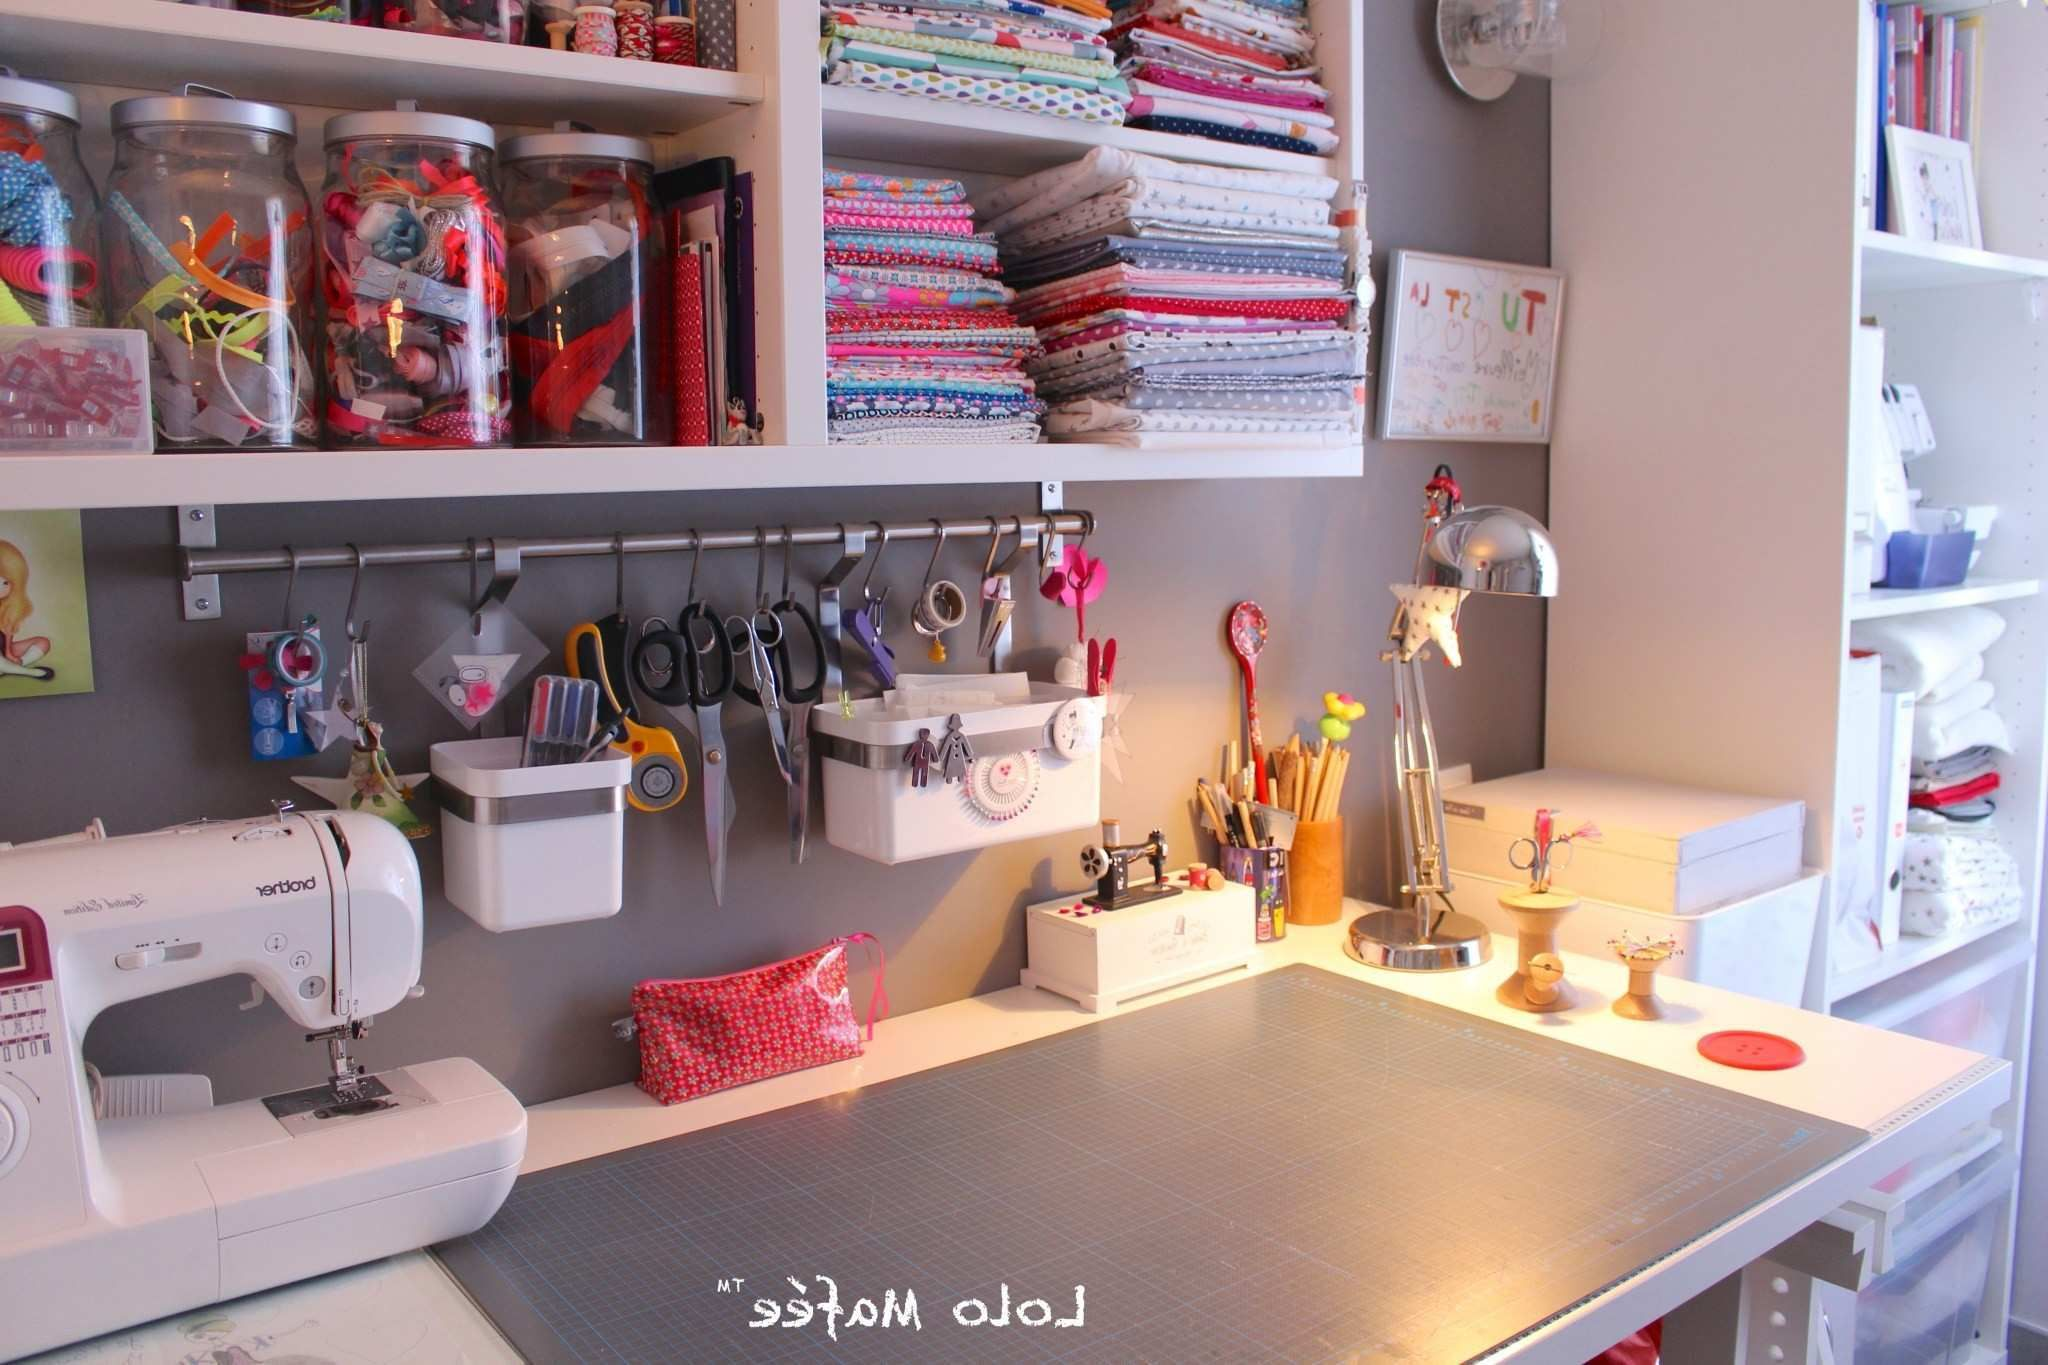 Rangement Atelier Couture Ikea Unique Deco 12 Idees Pour Amenager Son Atelier Couture Dans Un Petit Rangement Atelier Ikea Rangement